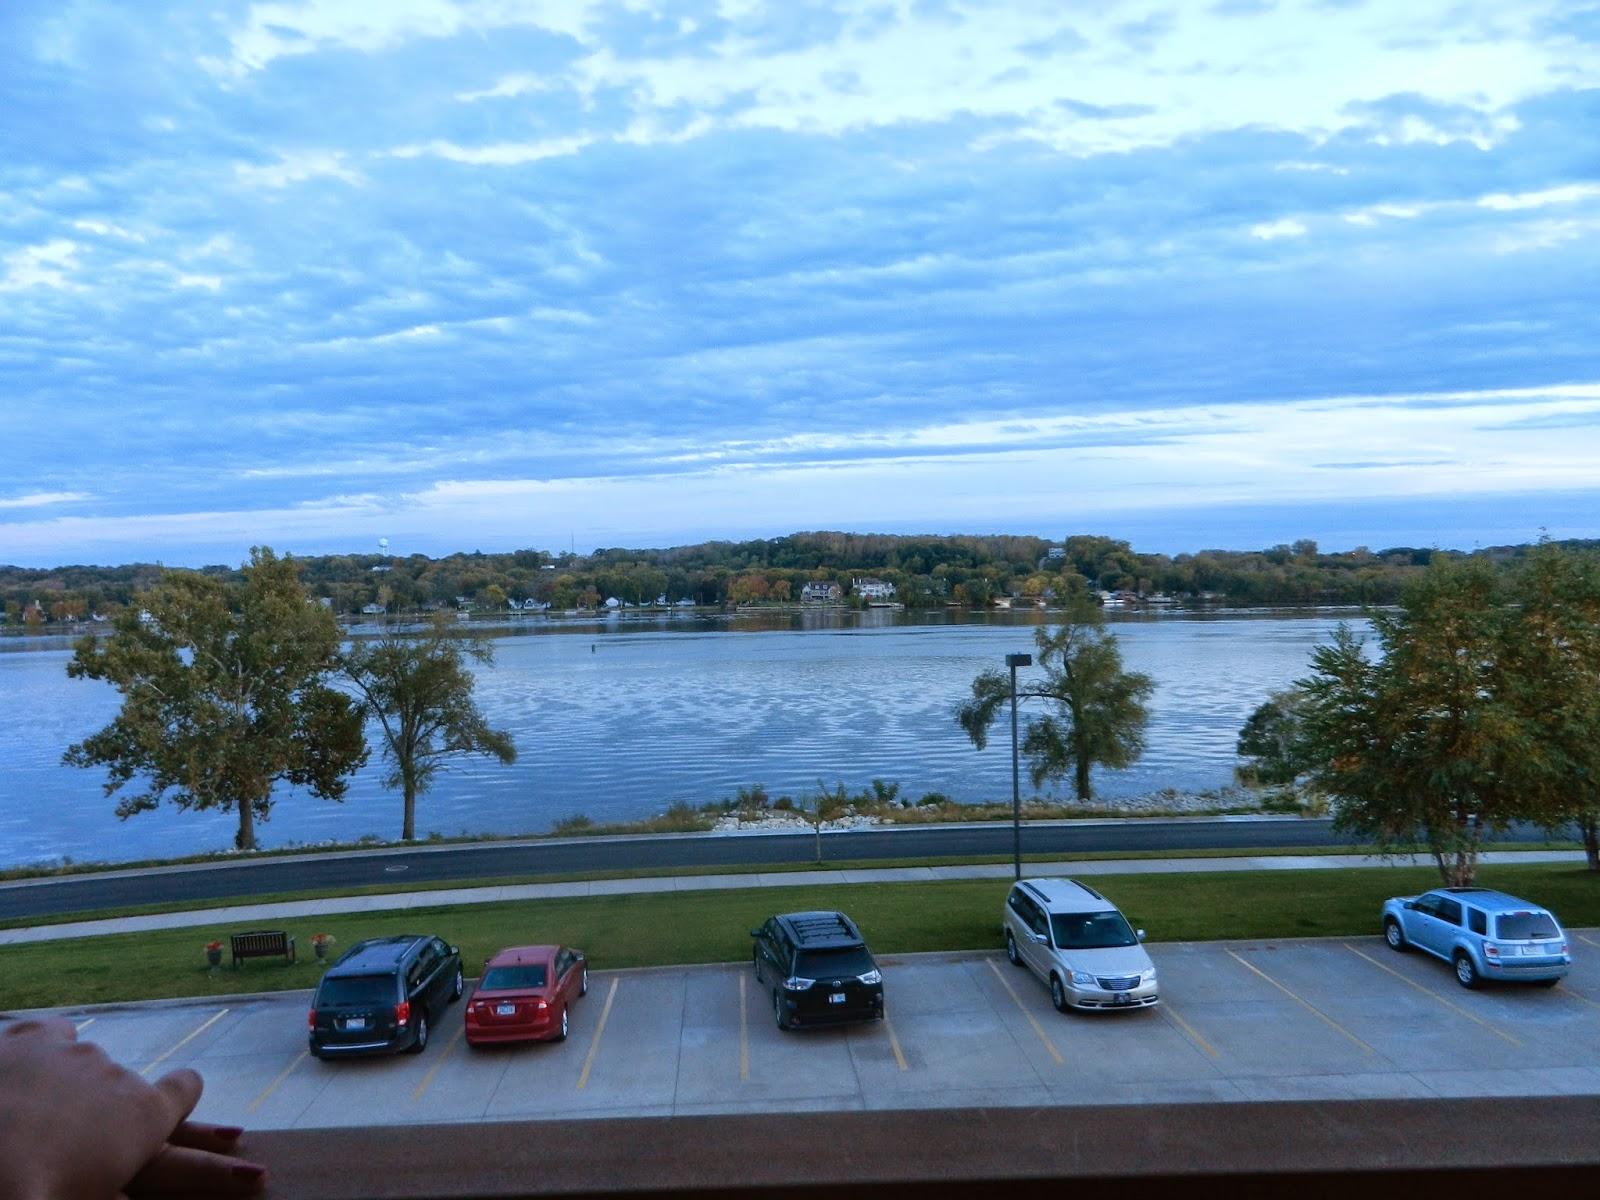 hotel river view leclaire illinois